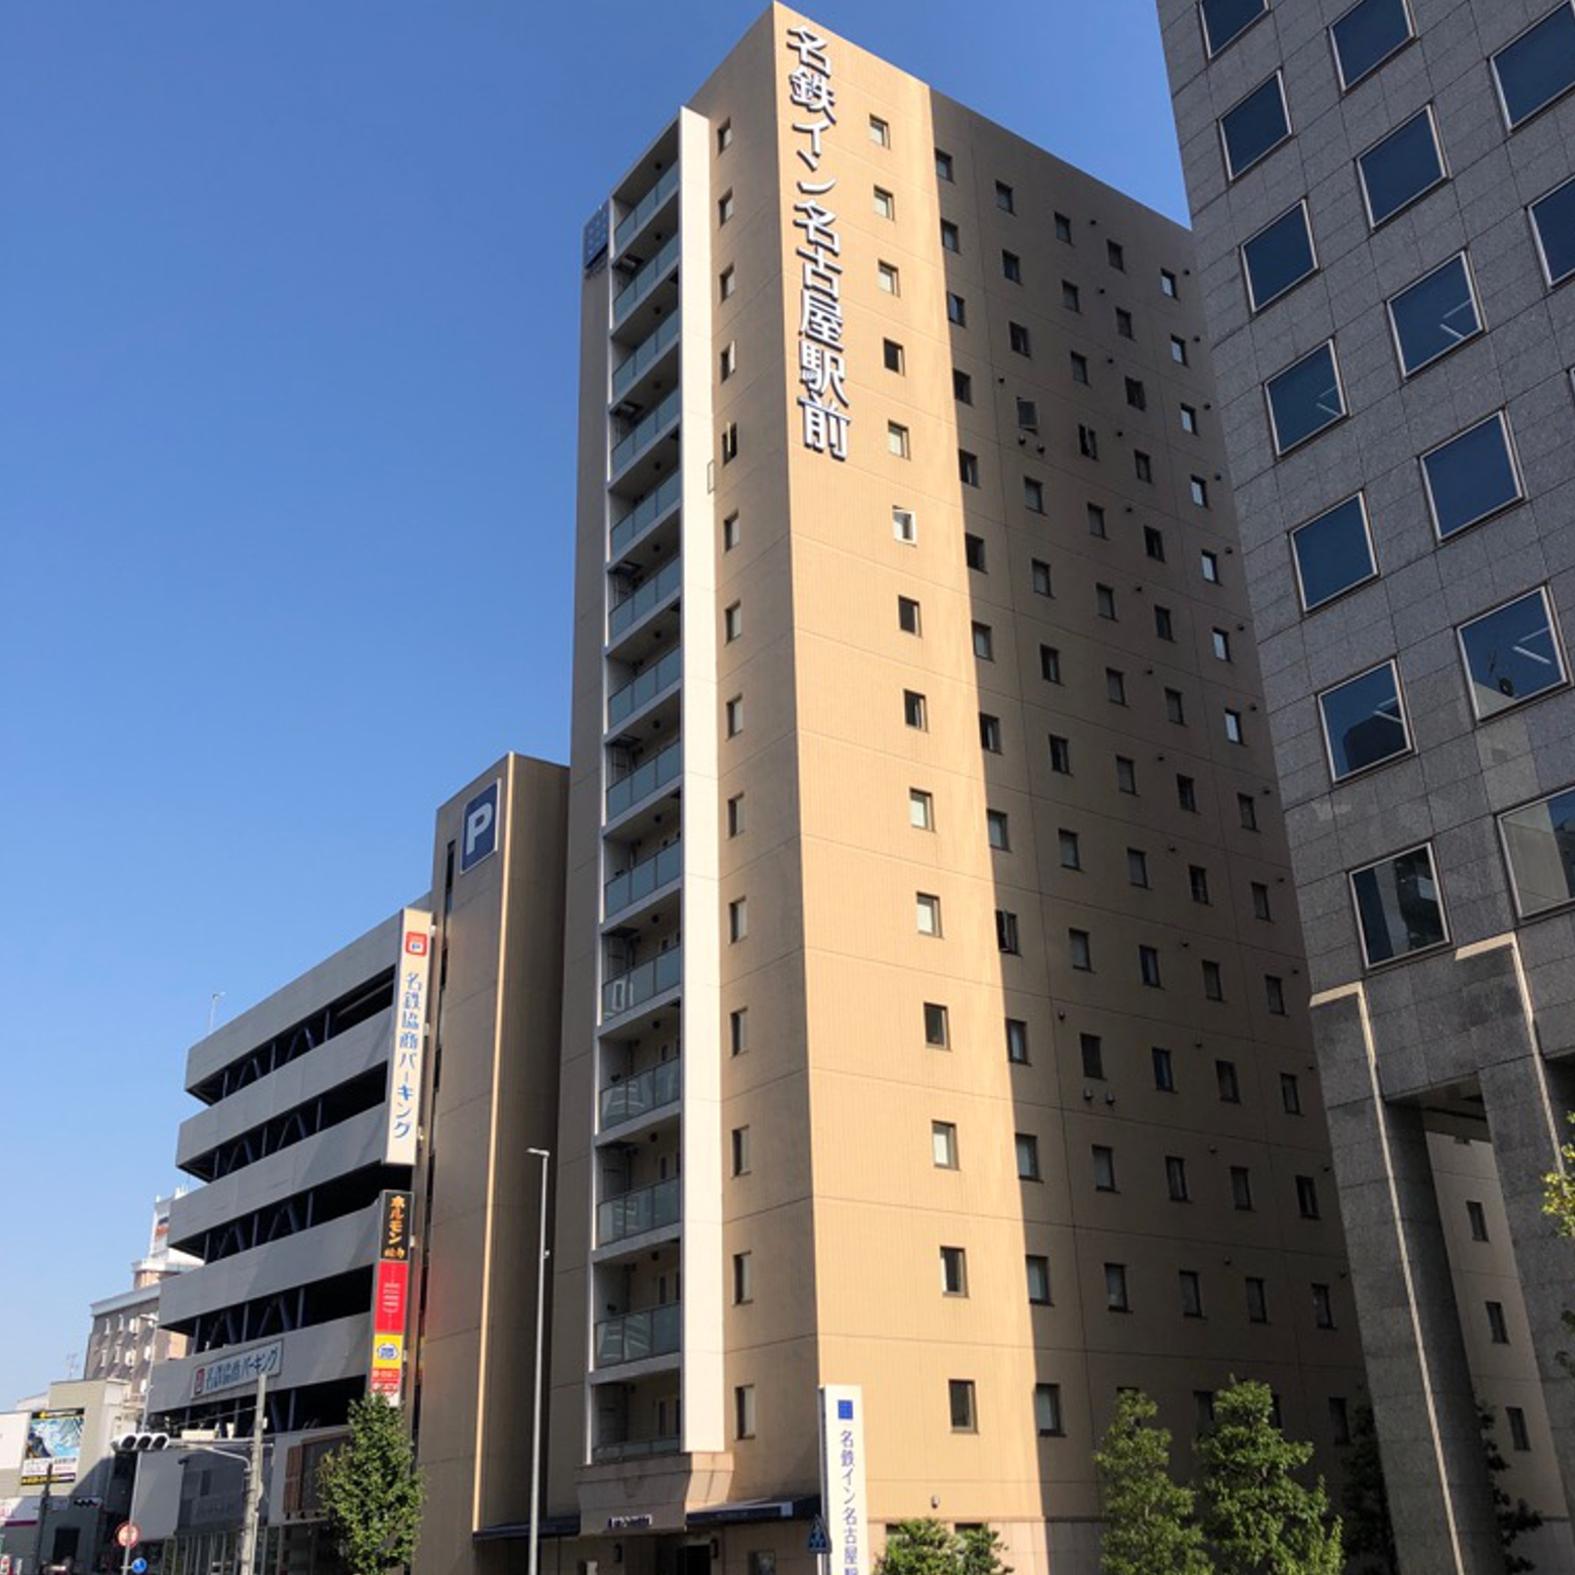 名鉄イン 名古屋駅前◆楽天トラベル